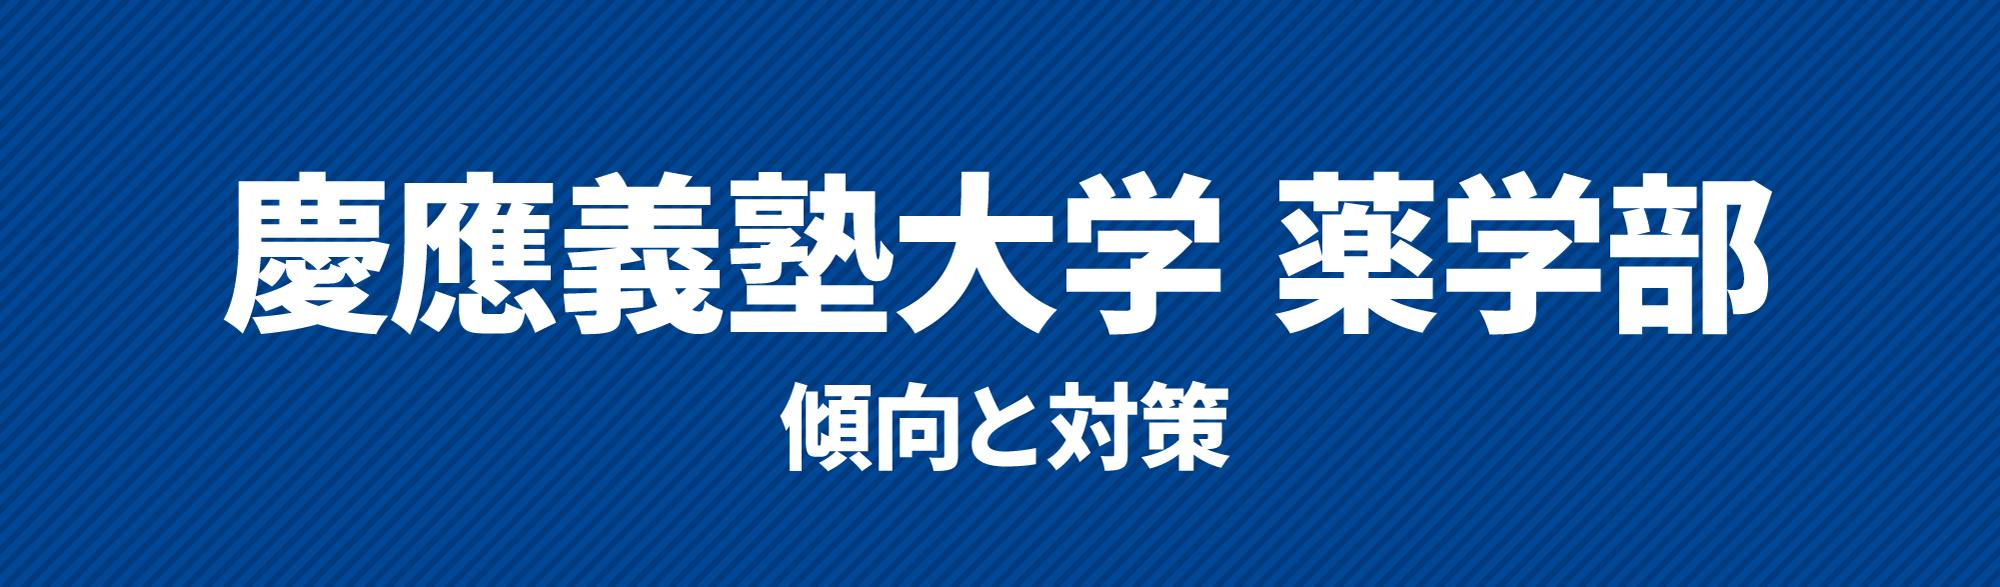 慶応義塾大学薬学部傾向と対策